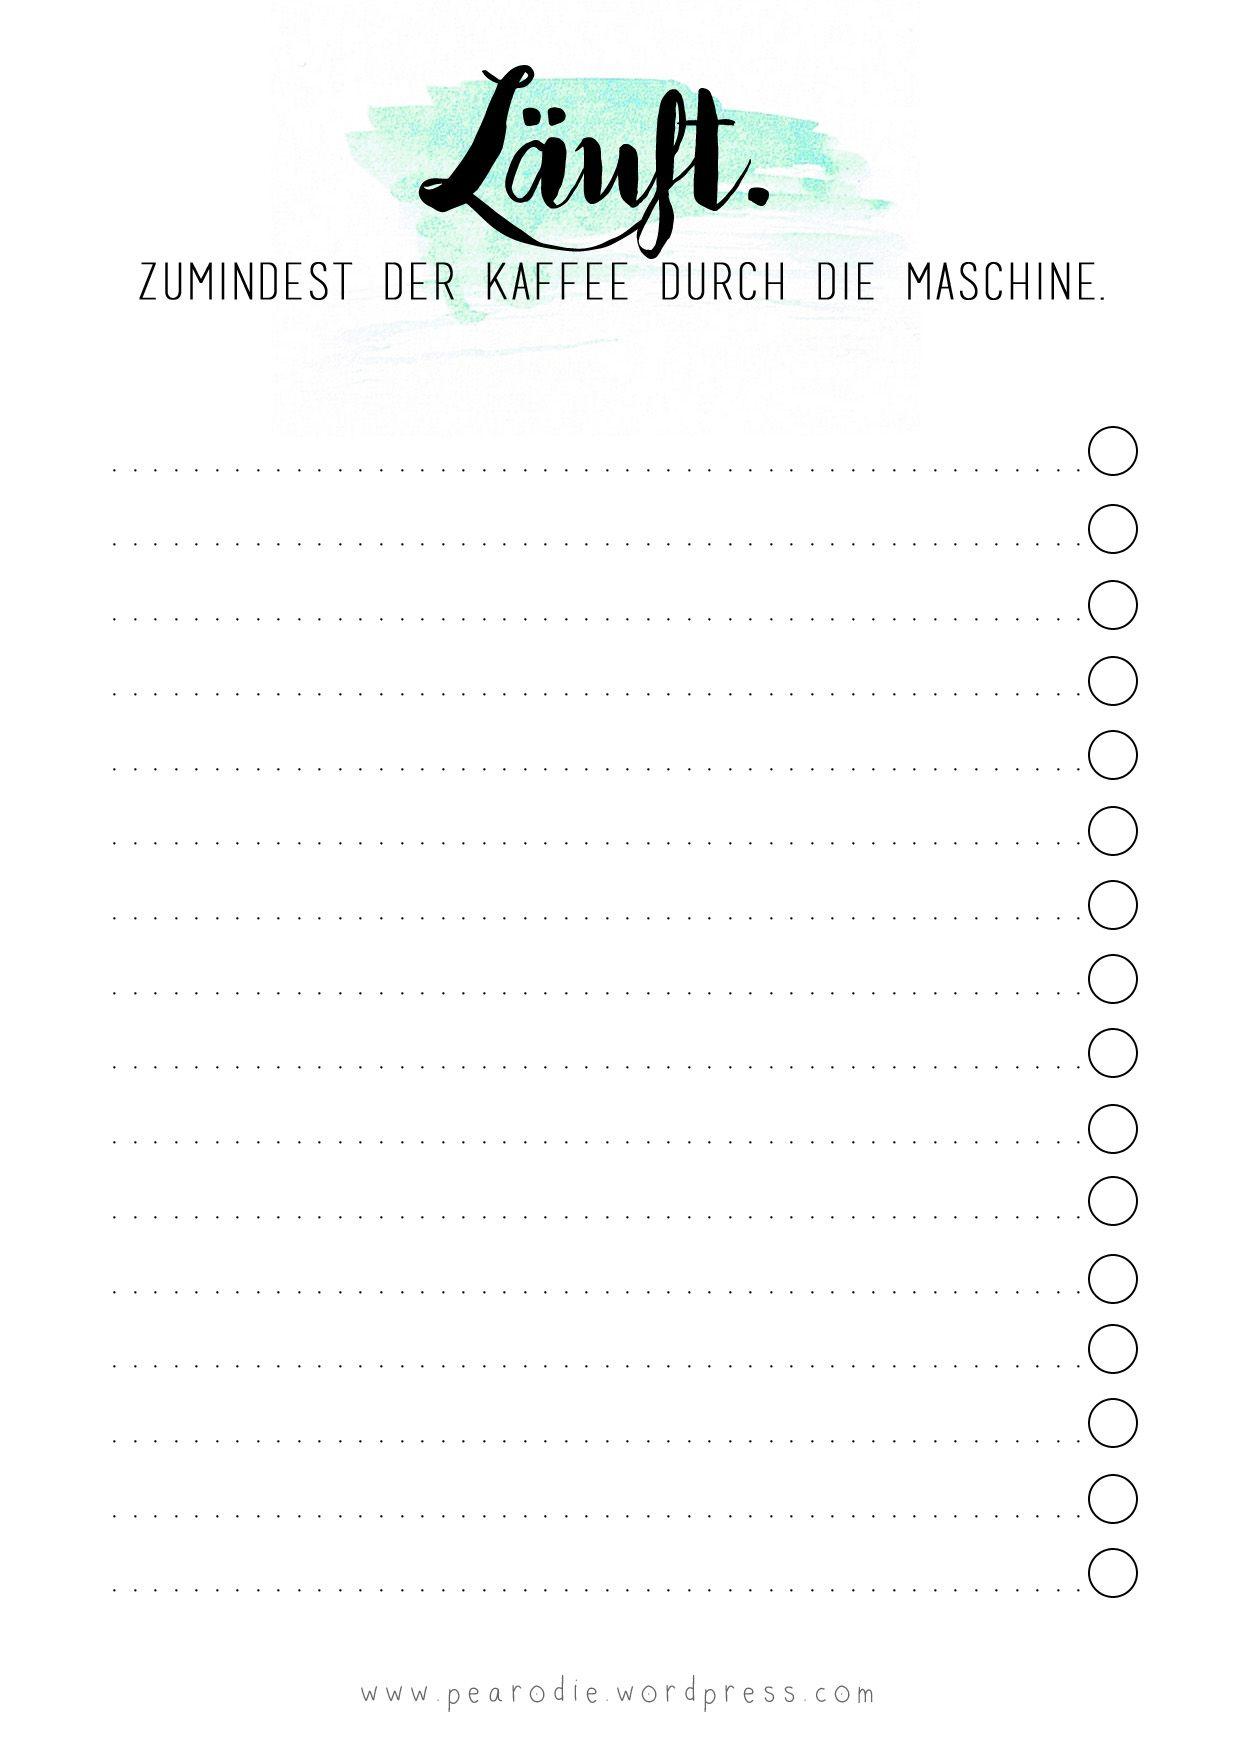 To Do Liste Ideen läuft free print die maschine der kaffee und gefühle